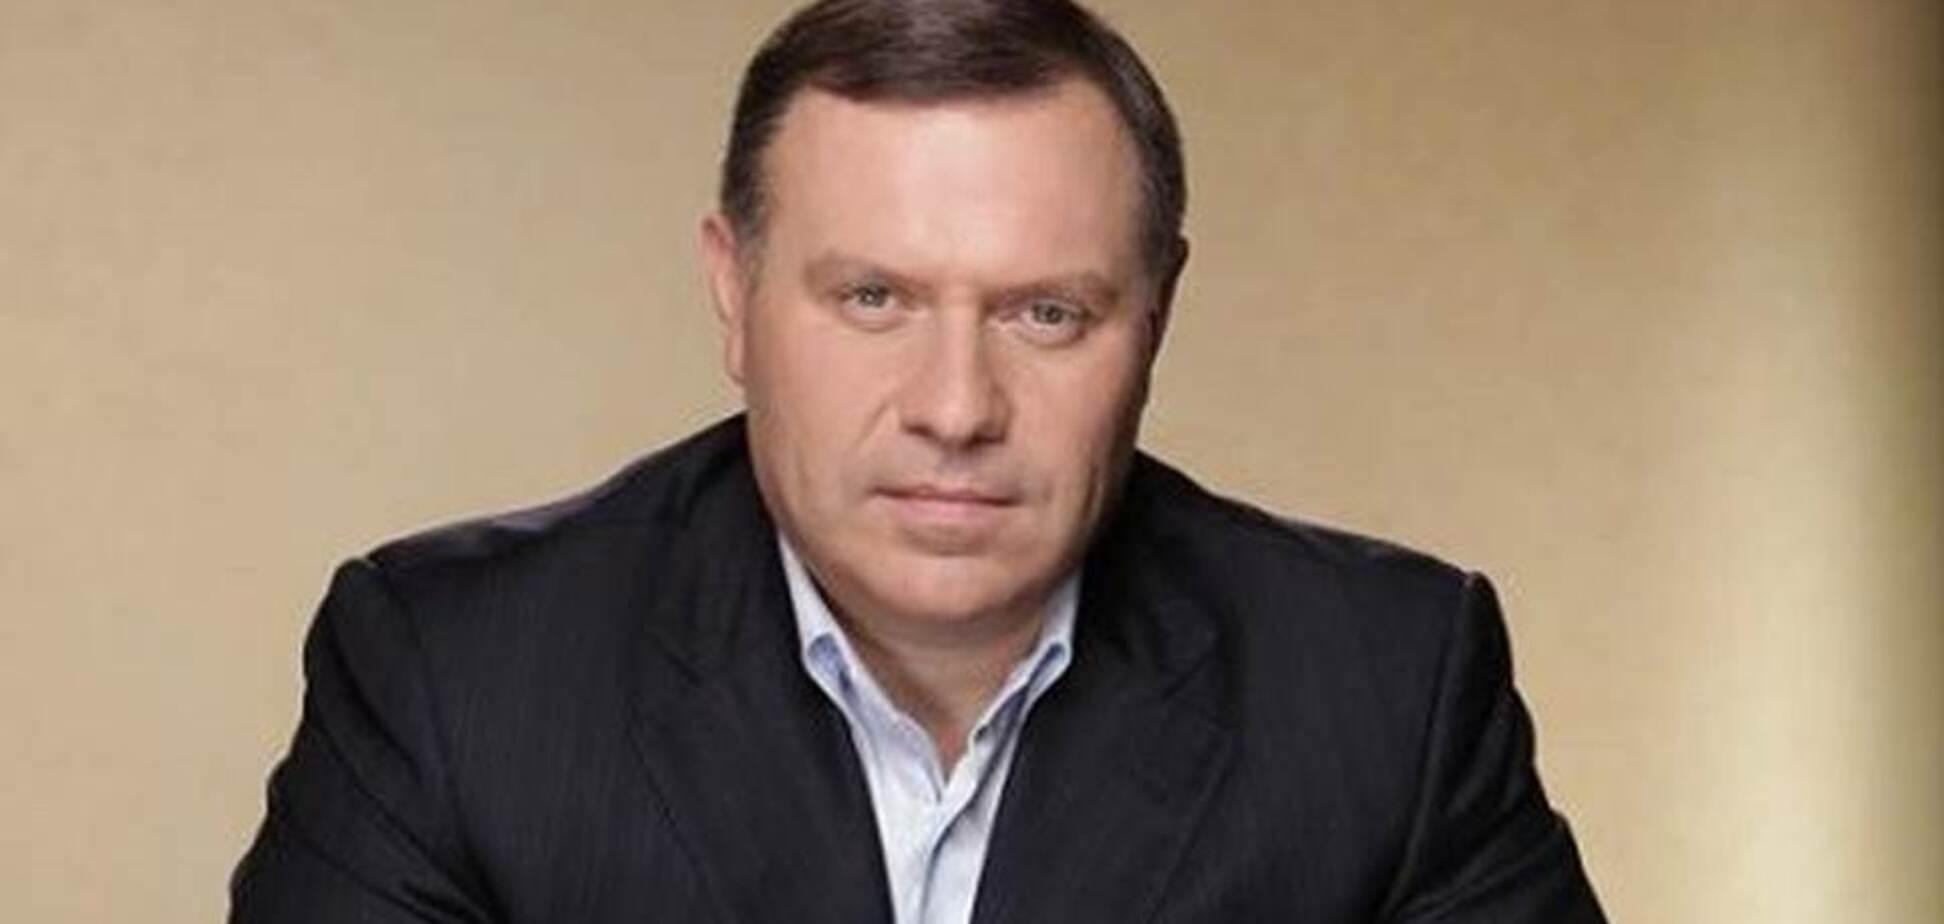 В России задержали украинского мультимиллионера: что произошло